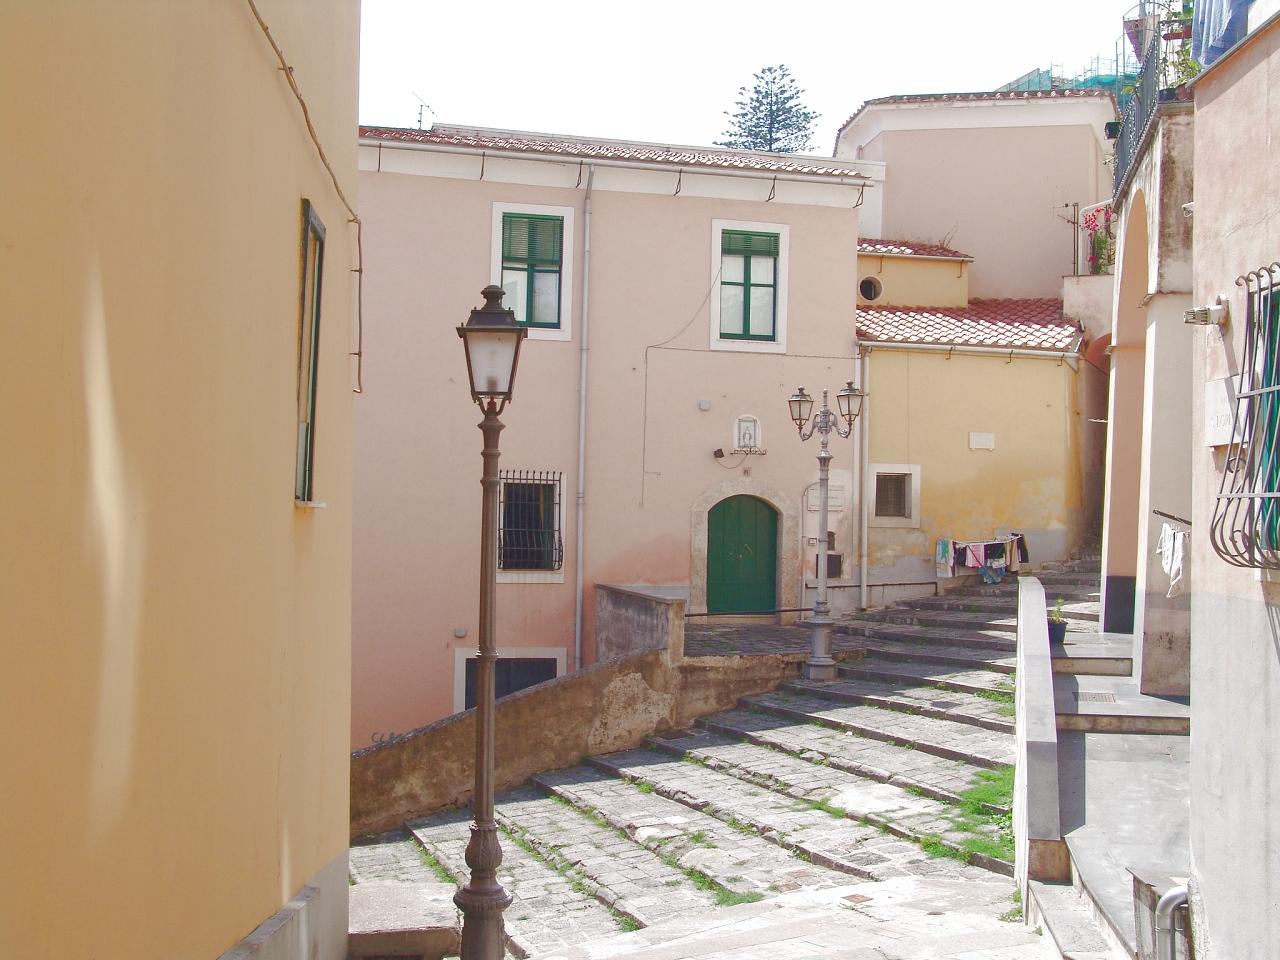 Convento di S.Maria delle Grazie (convento) - Salerno (SA)